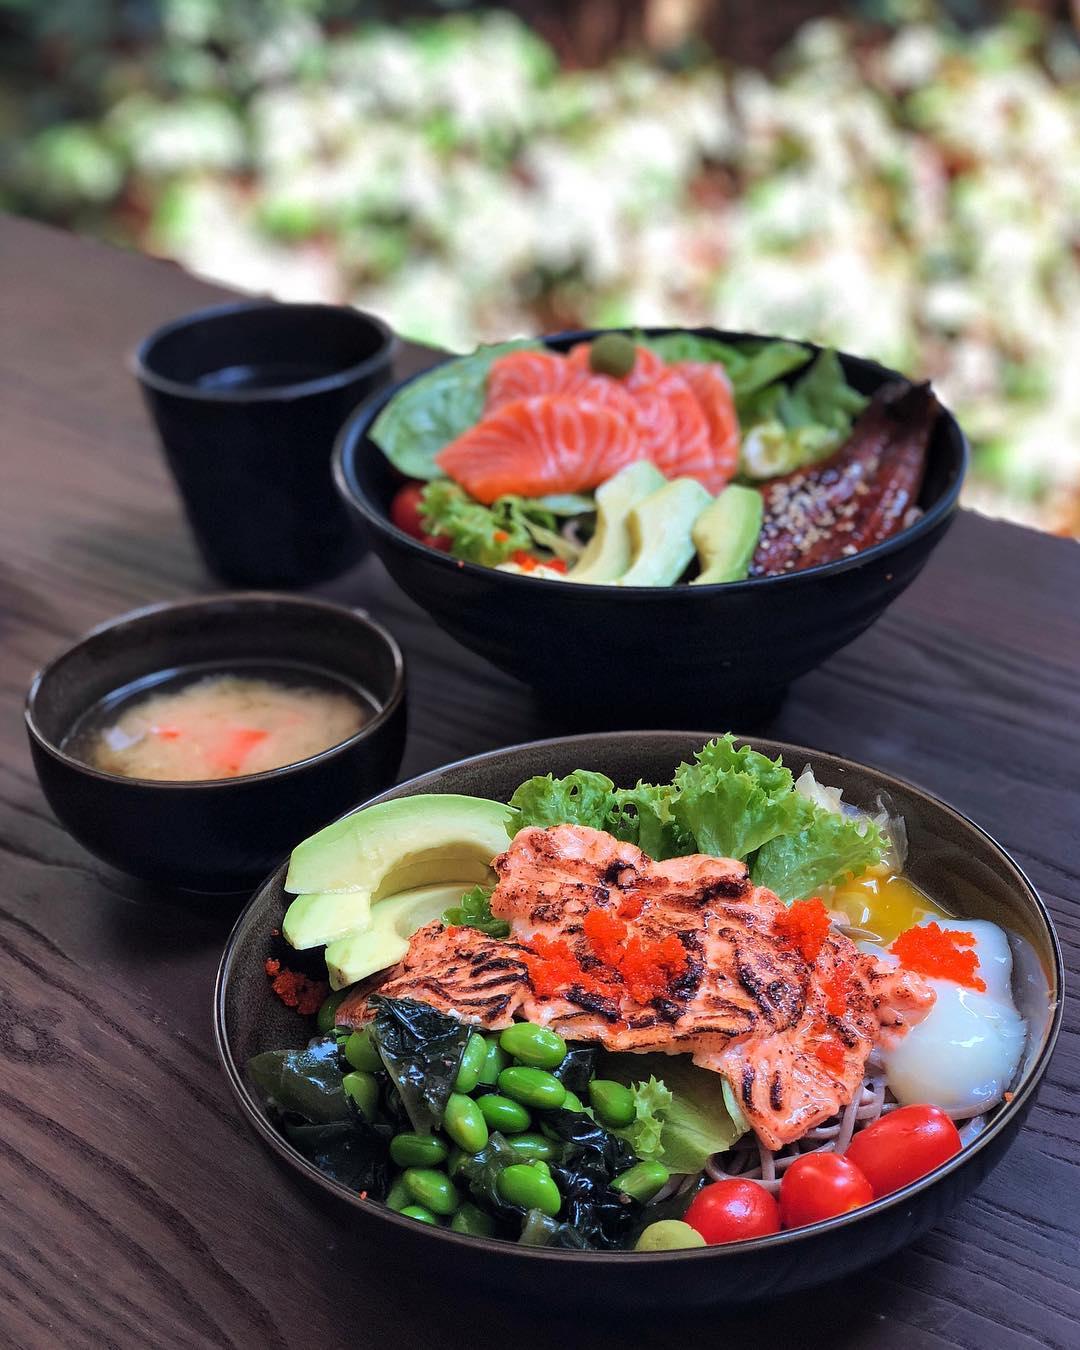 HEALTHY FOOD UNAGI VS SALMON